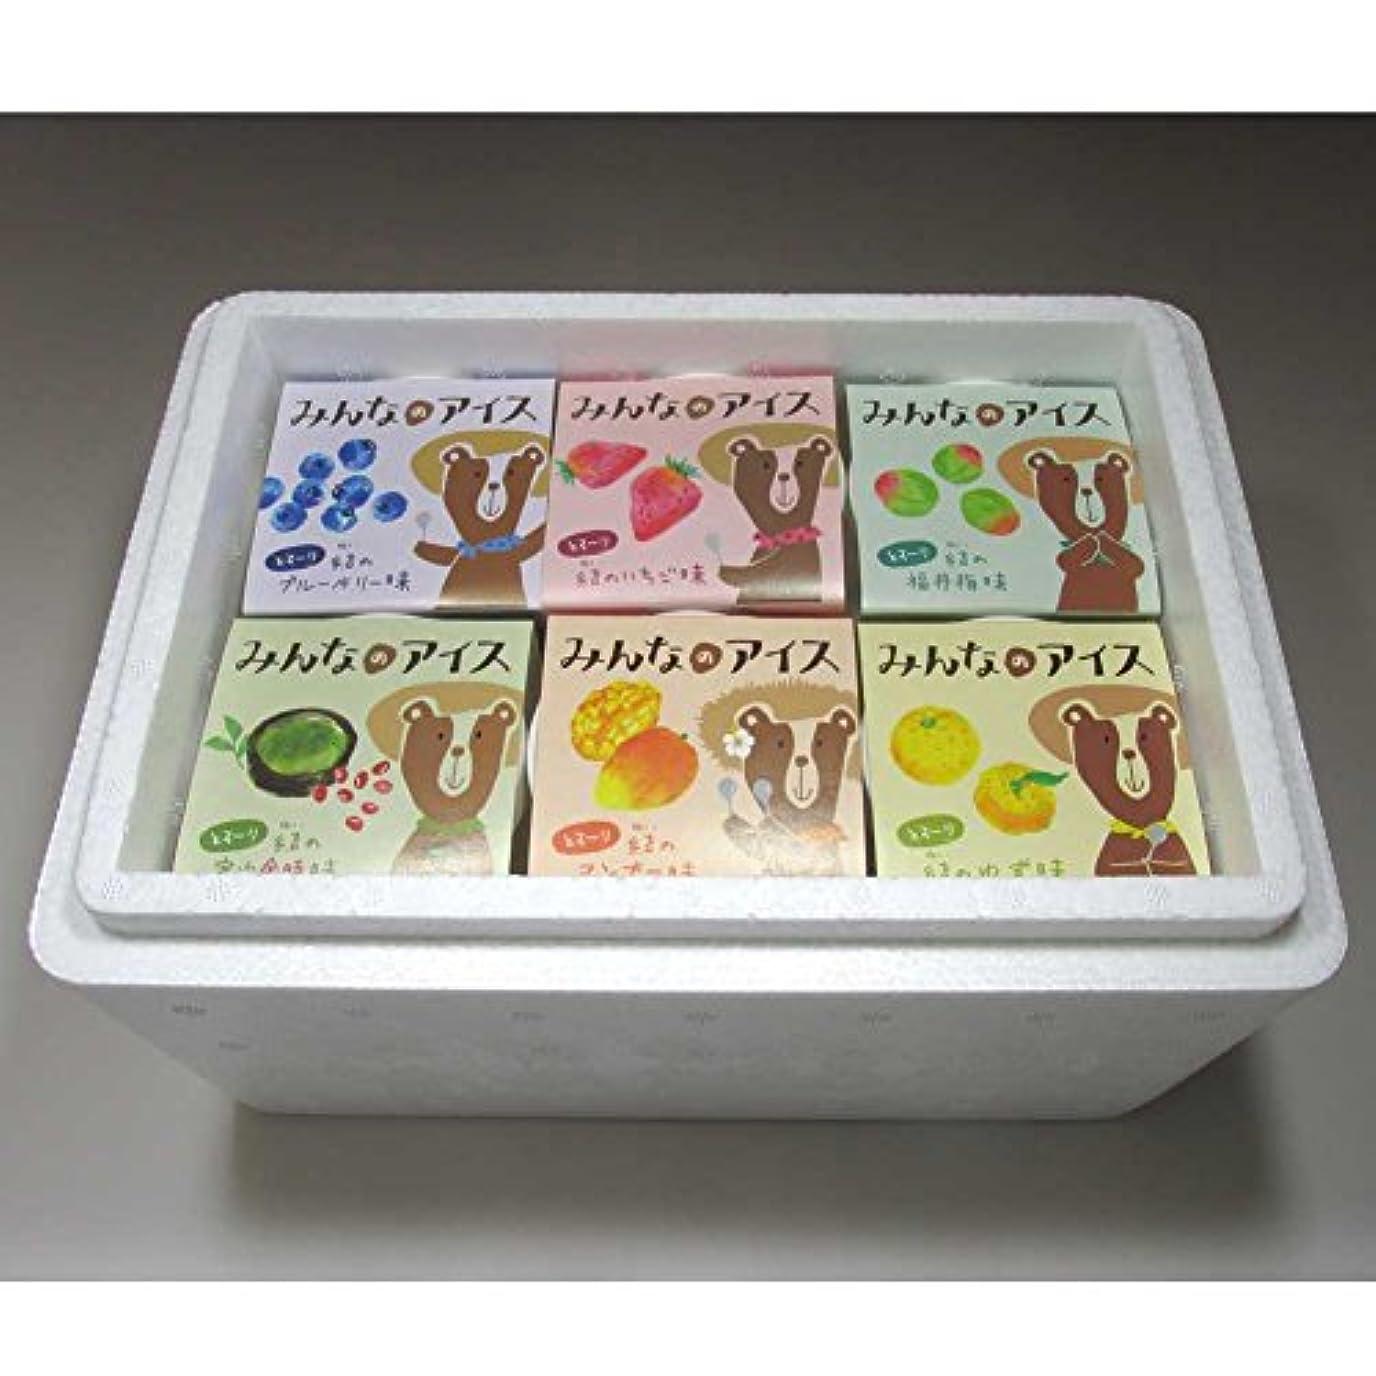 圧縮された縁取り戻すSFV生産農場 建石農園「アレルギーフリー☆みんなのアイス (6個)」 -クール冷凍-